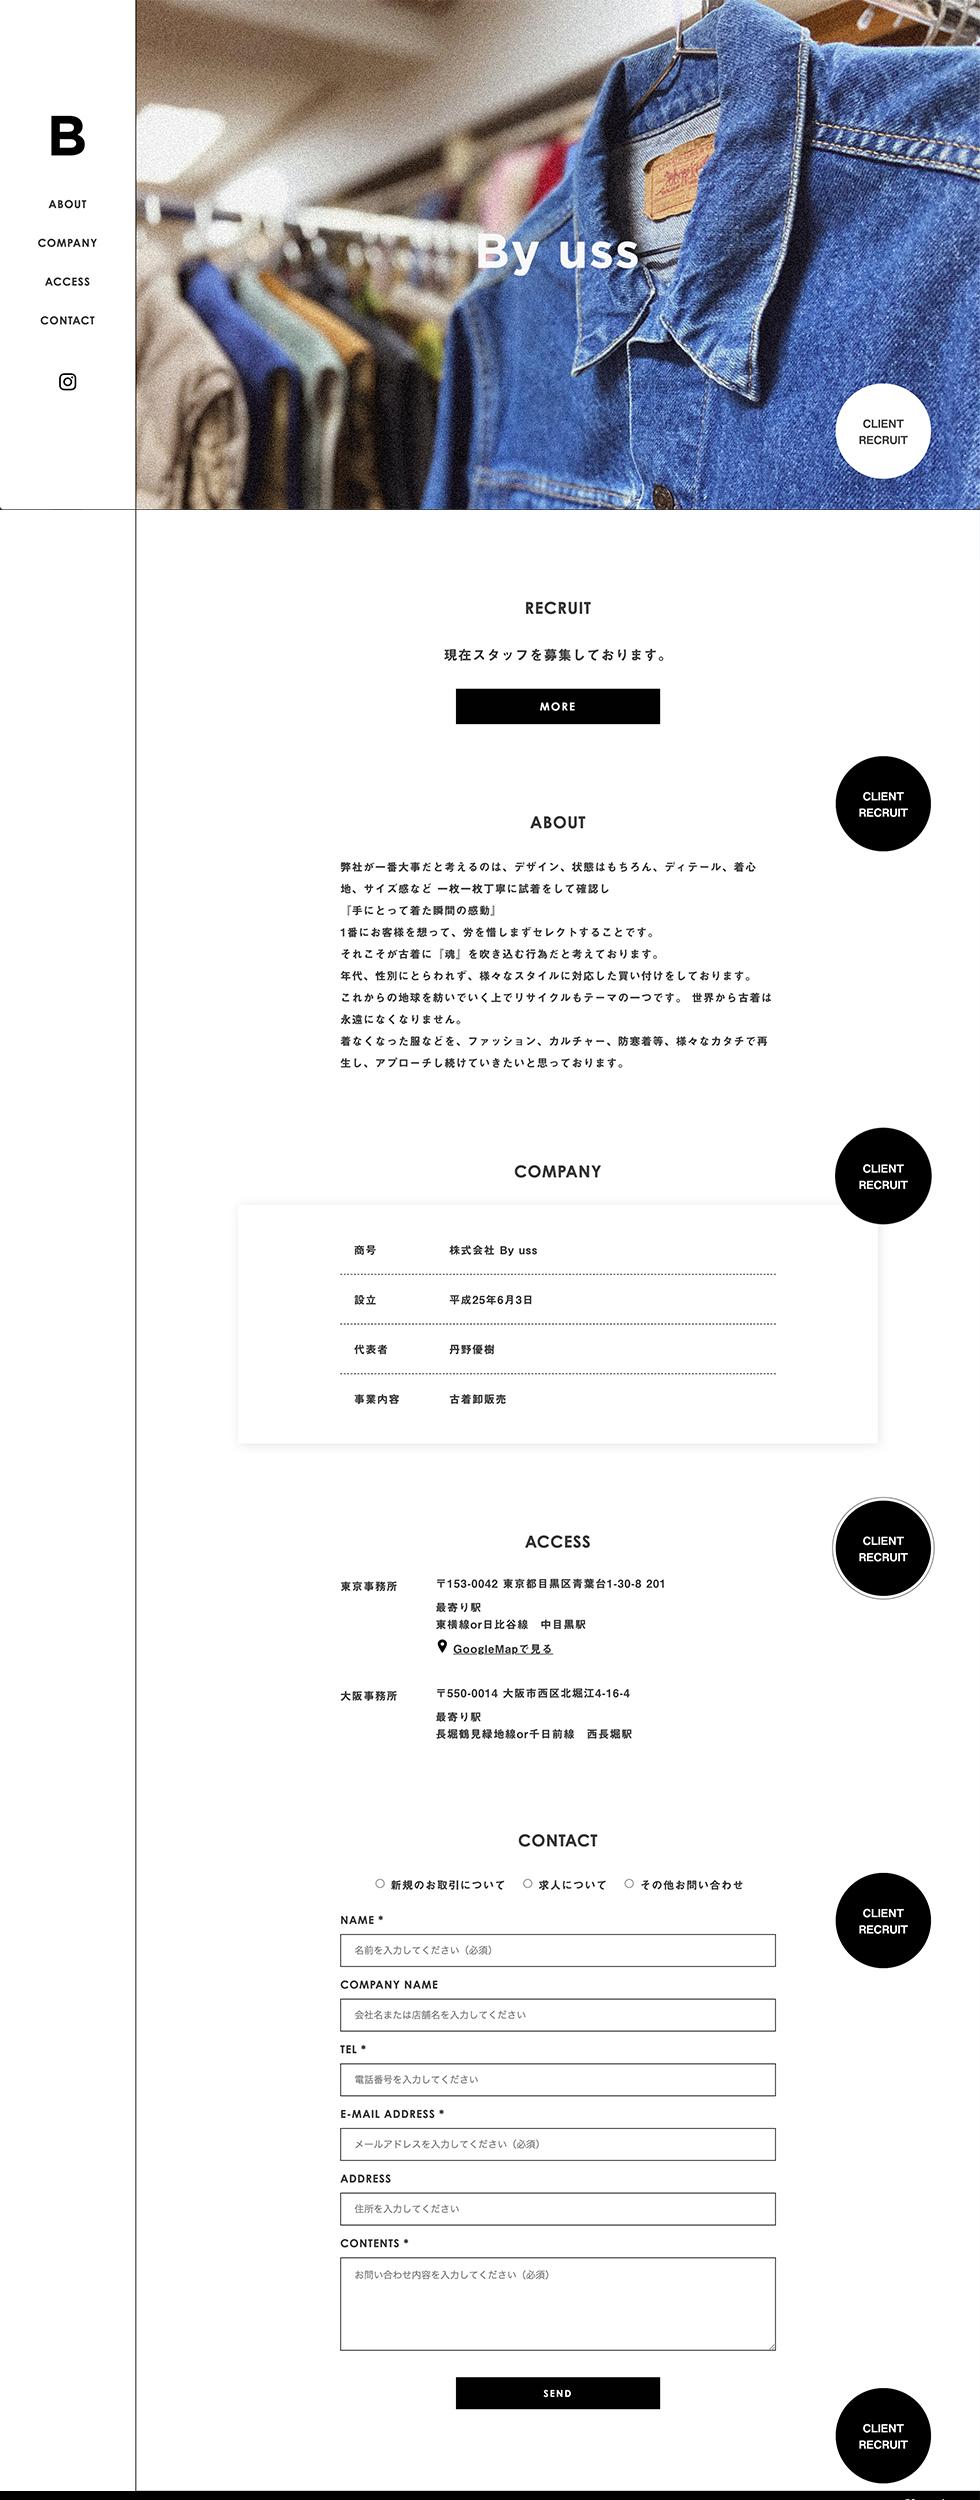 株式会社By ussサイトイメージ